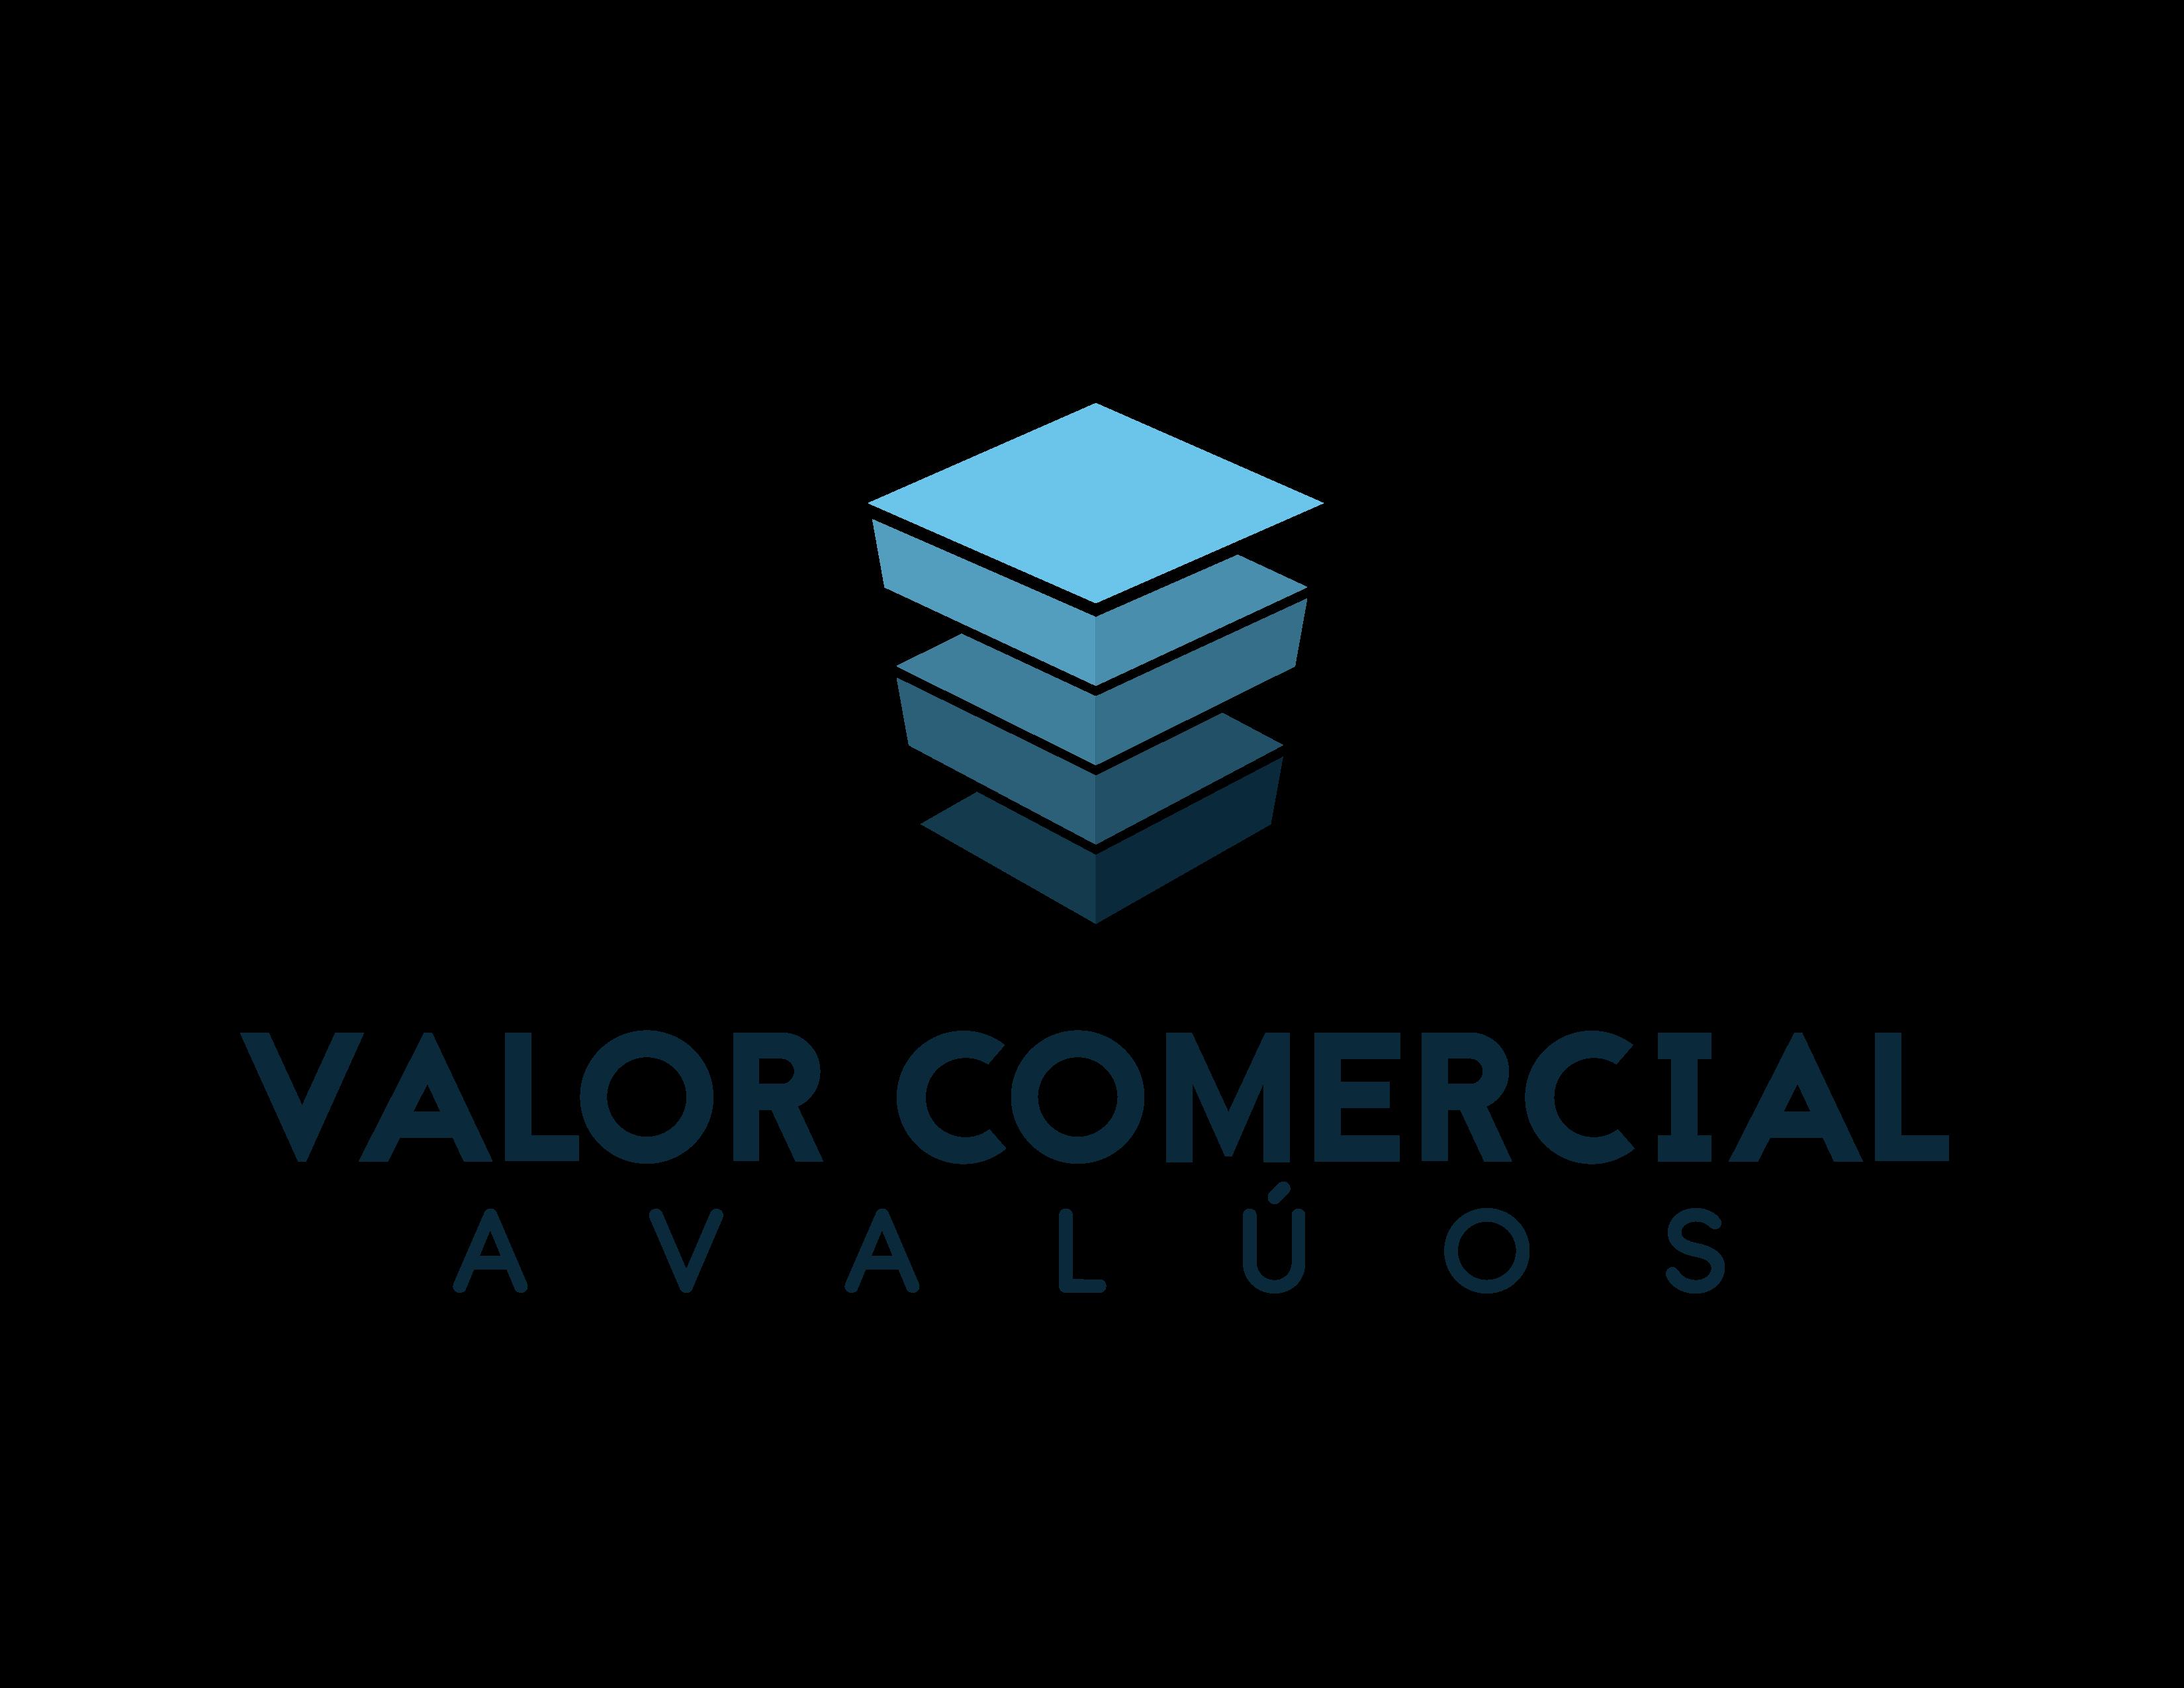 Logo Valor Comercial Footer